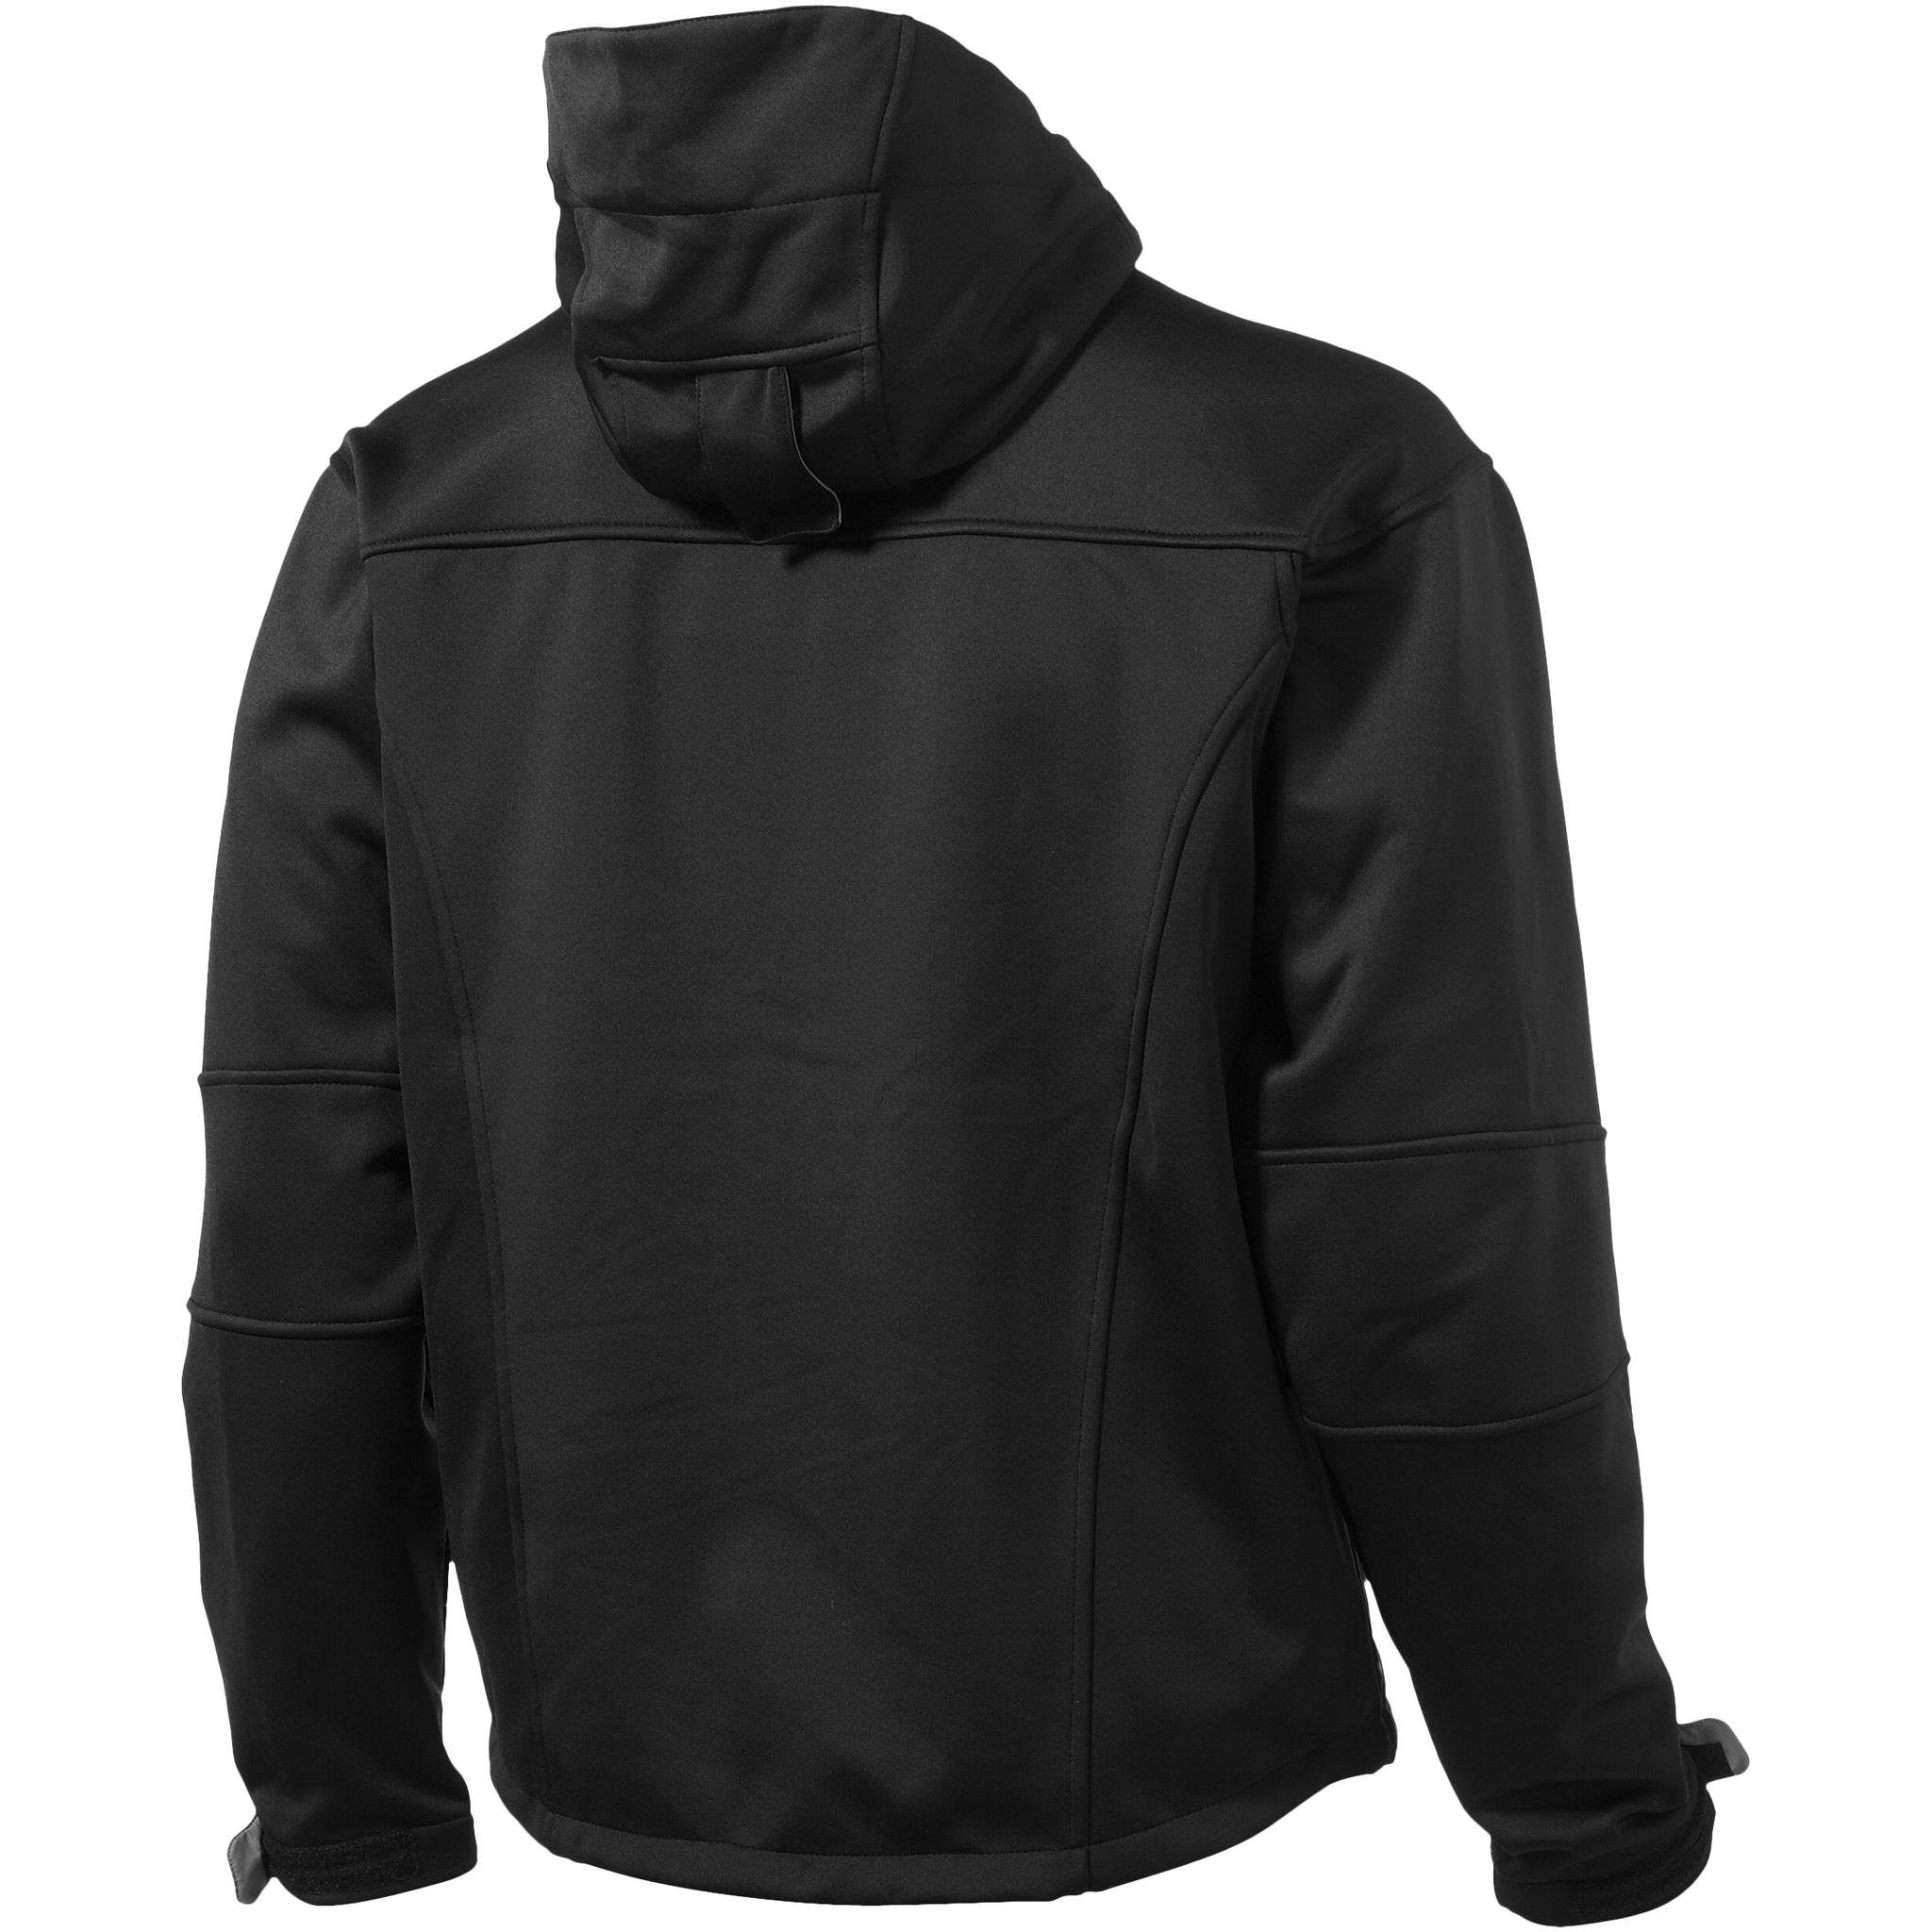 PF1771 Slazenger Mens Match Softshell Jacket